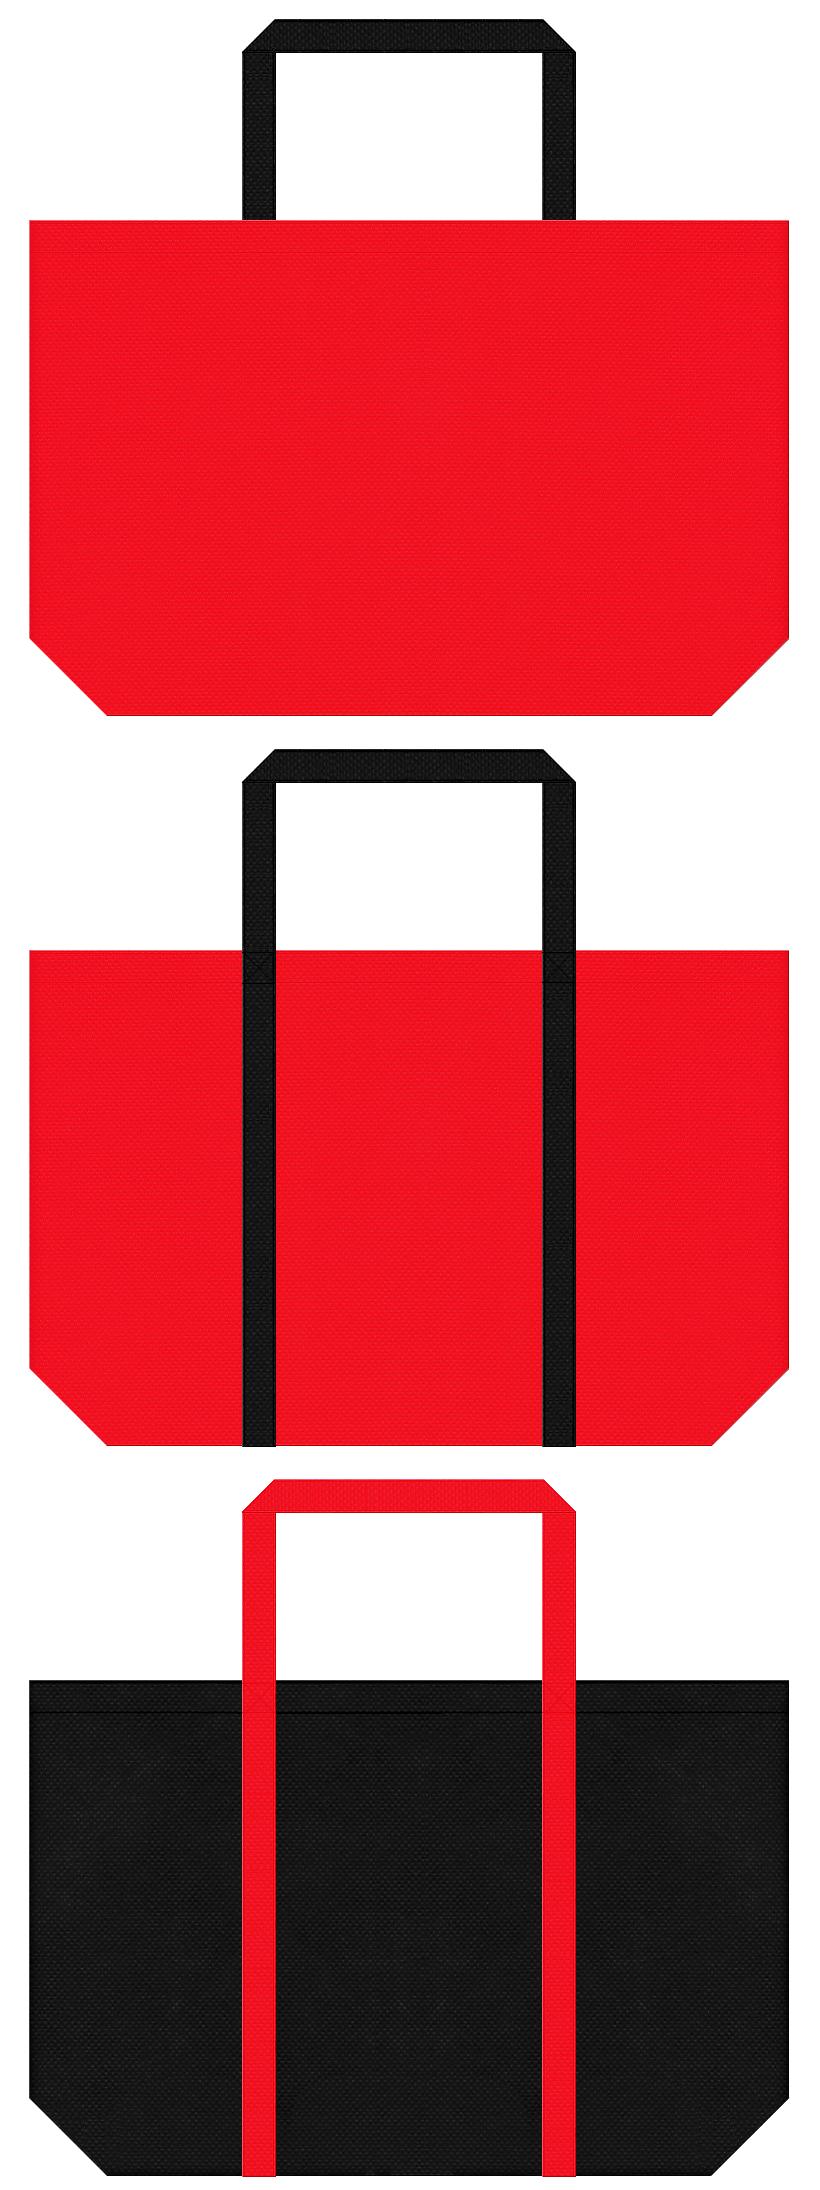 赤色と黒色の不織布バッグデザイン。スポーティーファッションのショッピングバッグや、提灯イメージでお祭り用品のショッピングバッグにもお奨めです。